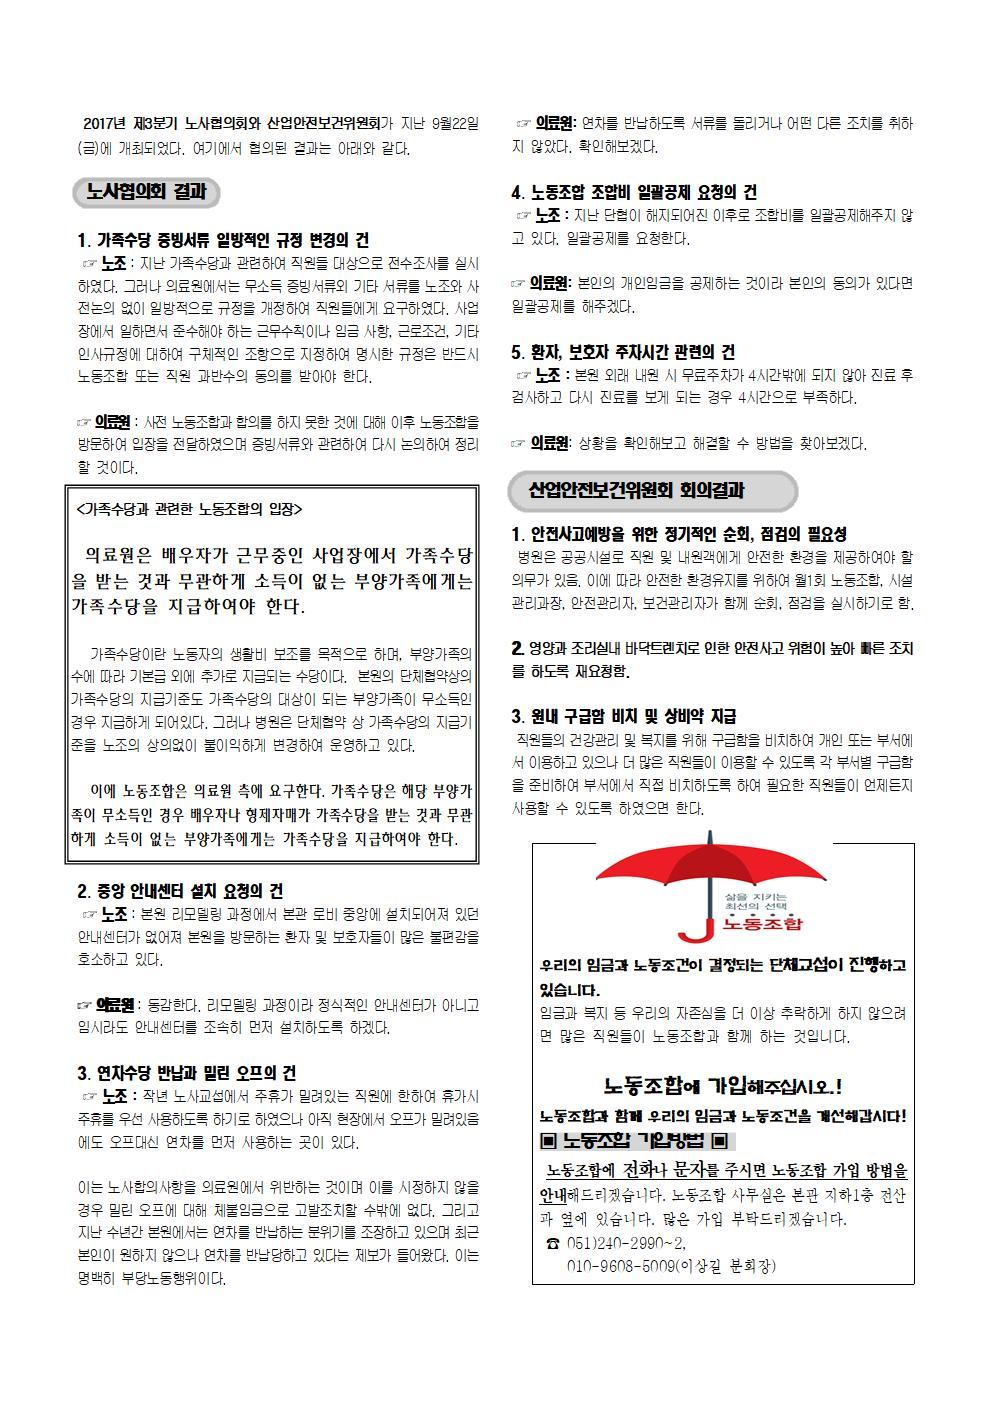 동아대병원분회 소식지 2호(뒤)001.jpg